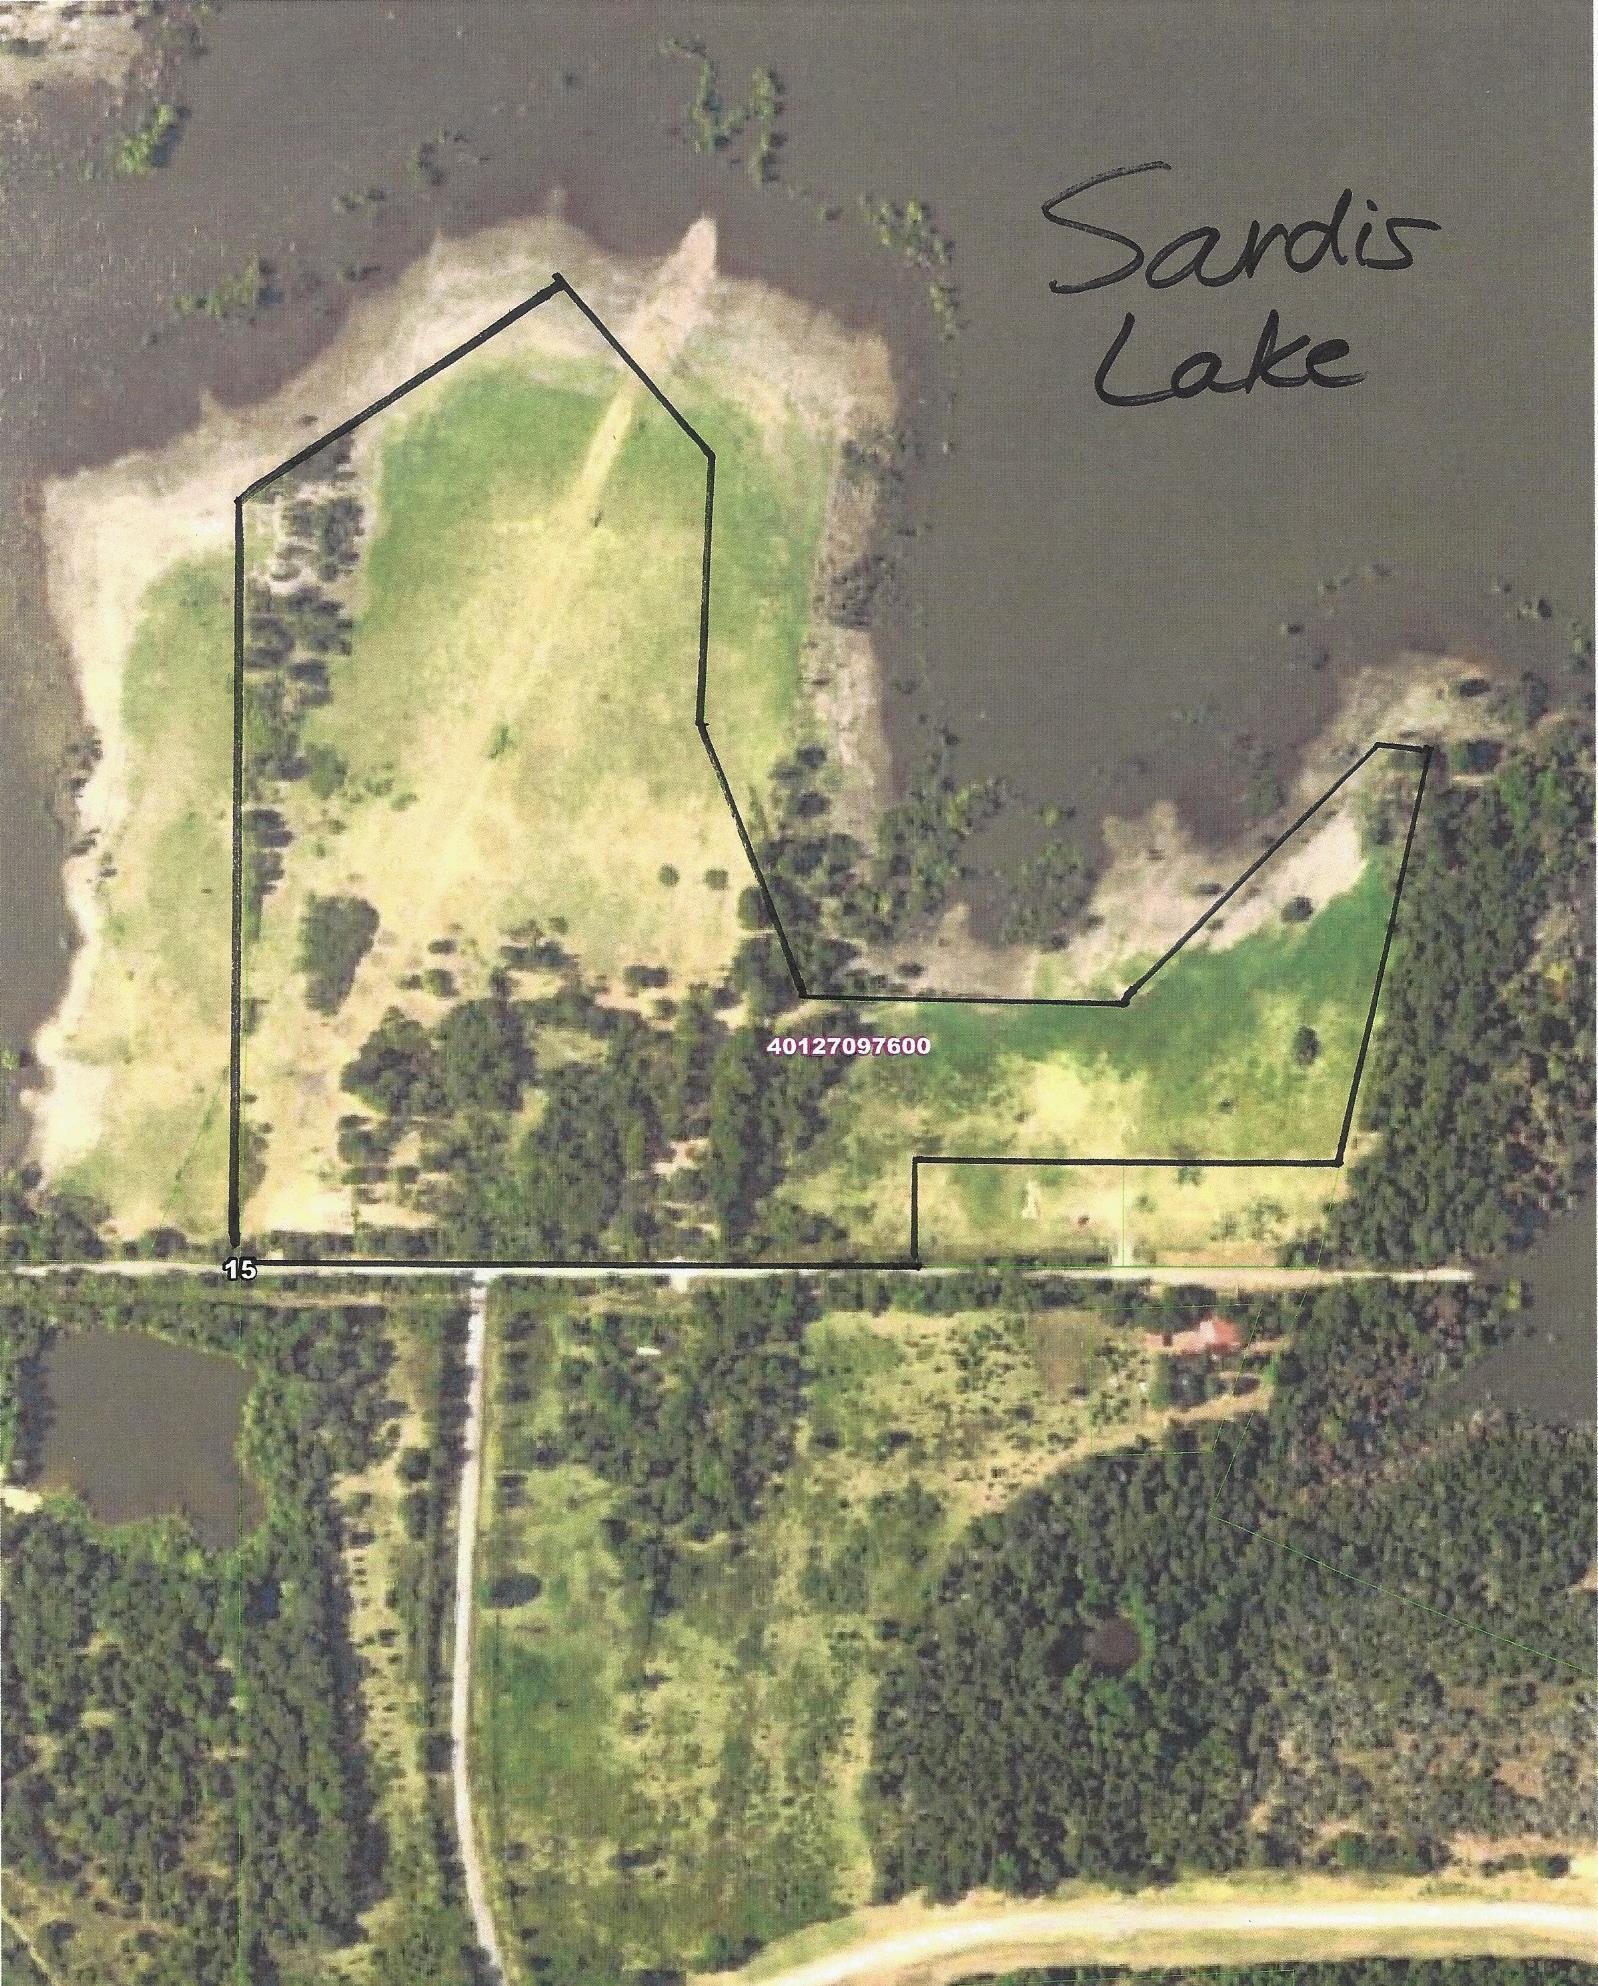 Active | 29 Acres Peninsula On Sardis Lake Clayton, OK 74536 1